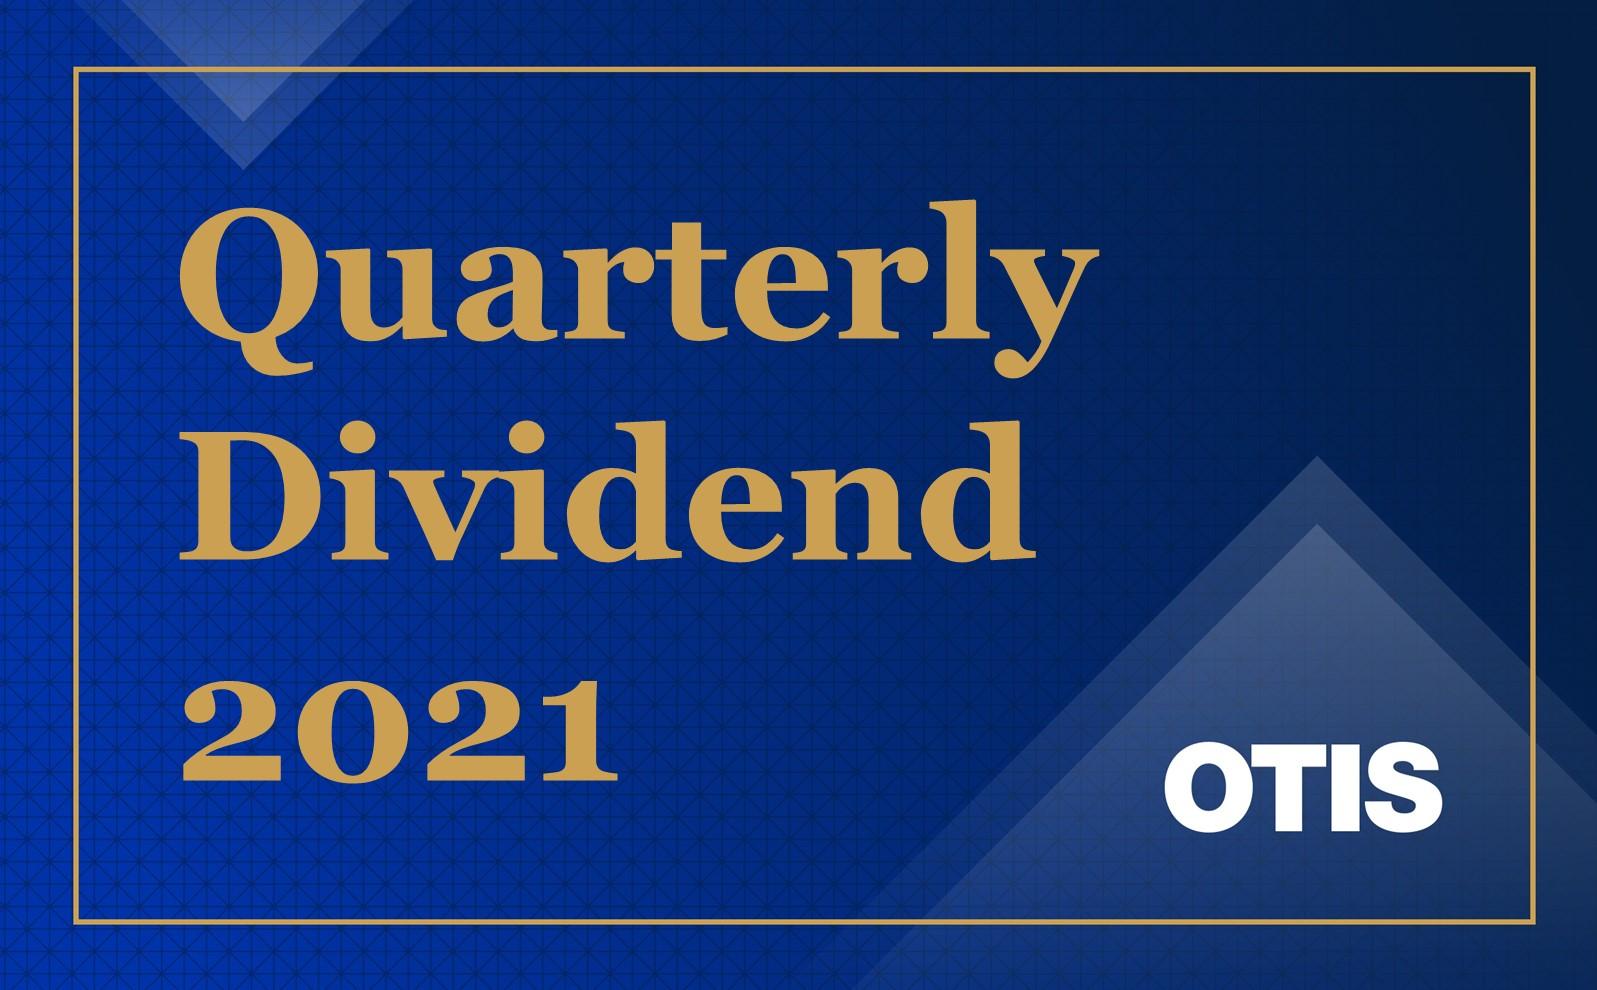 Quarterly Dividend Otis